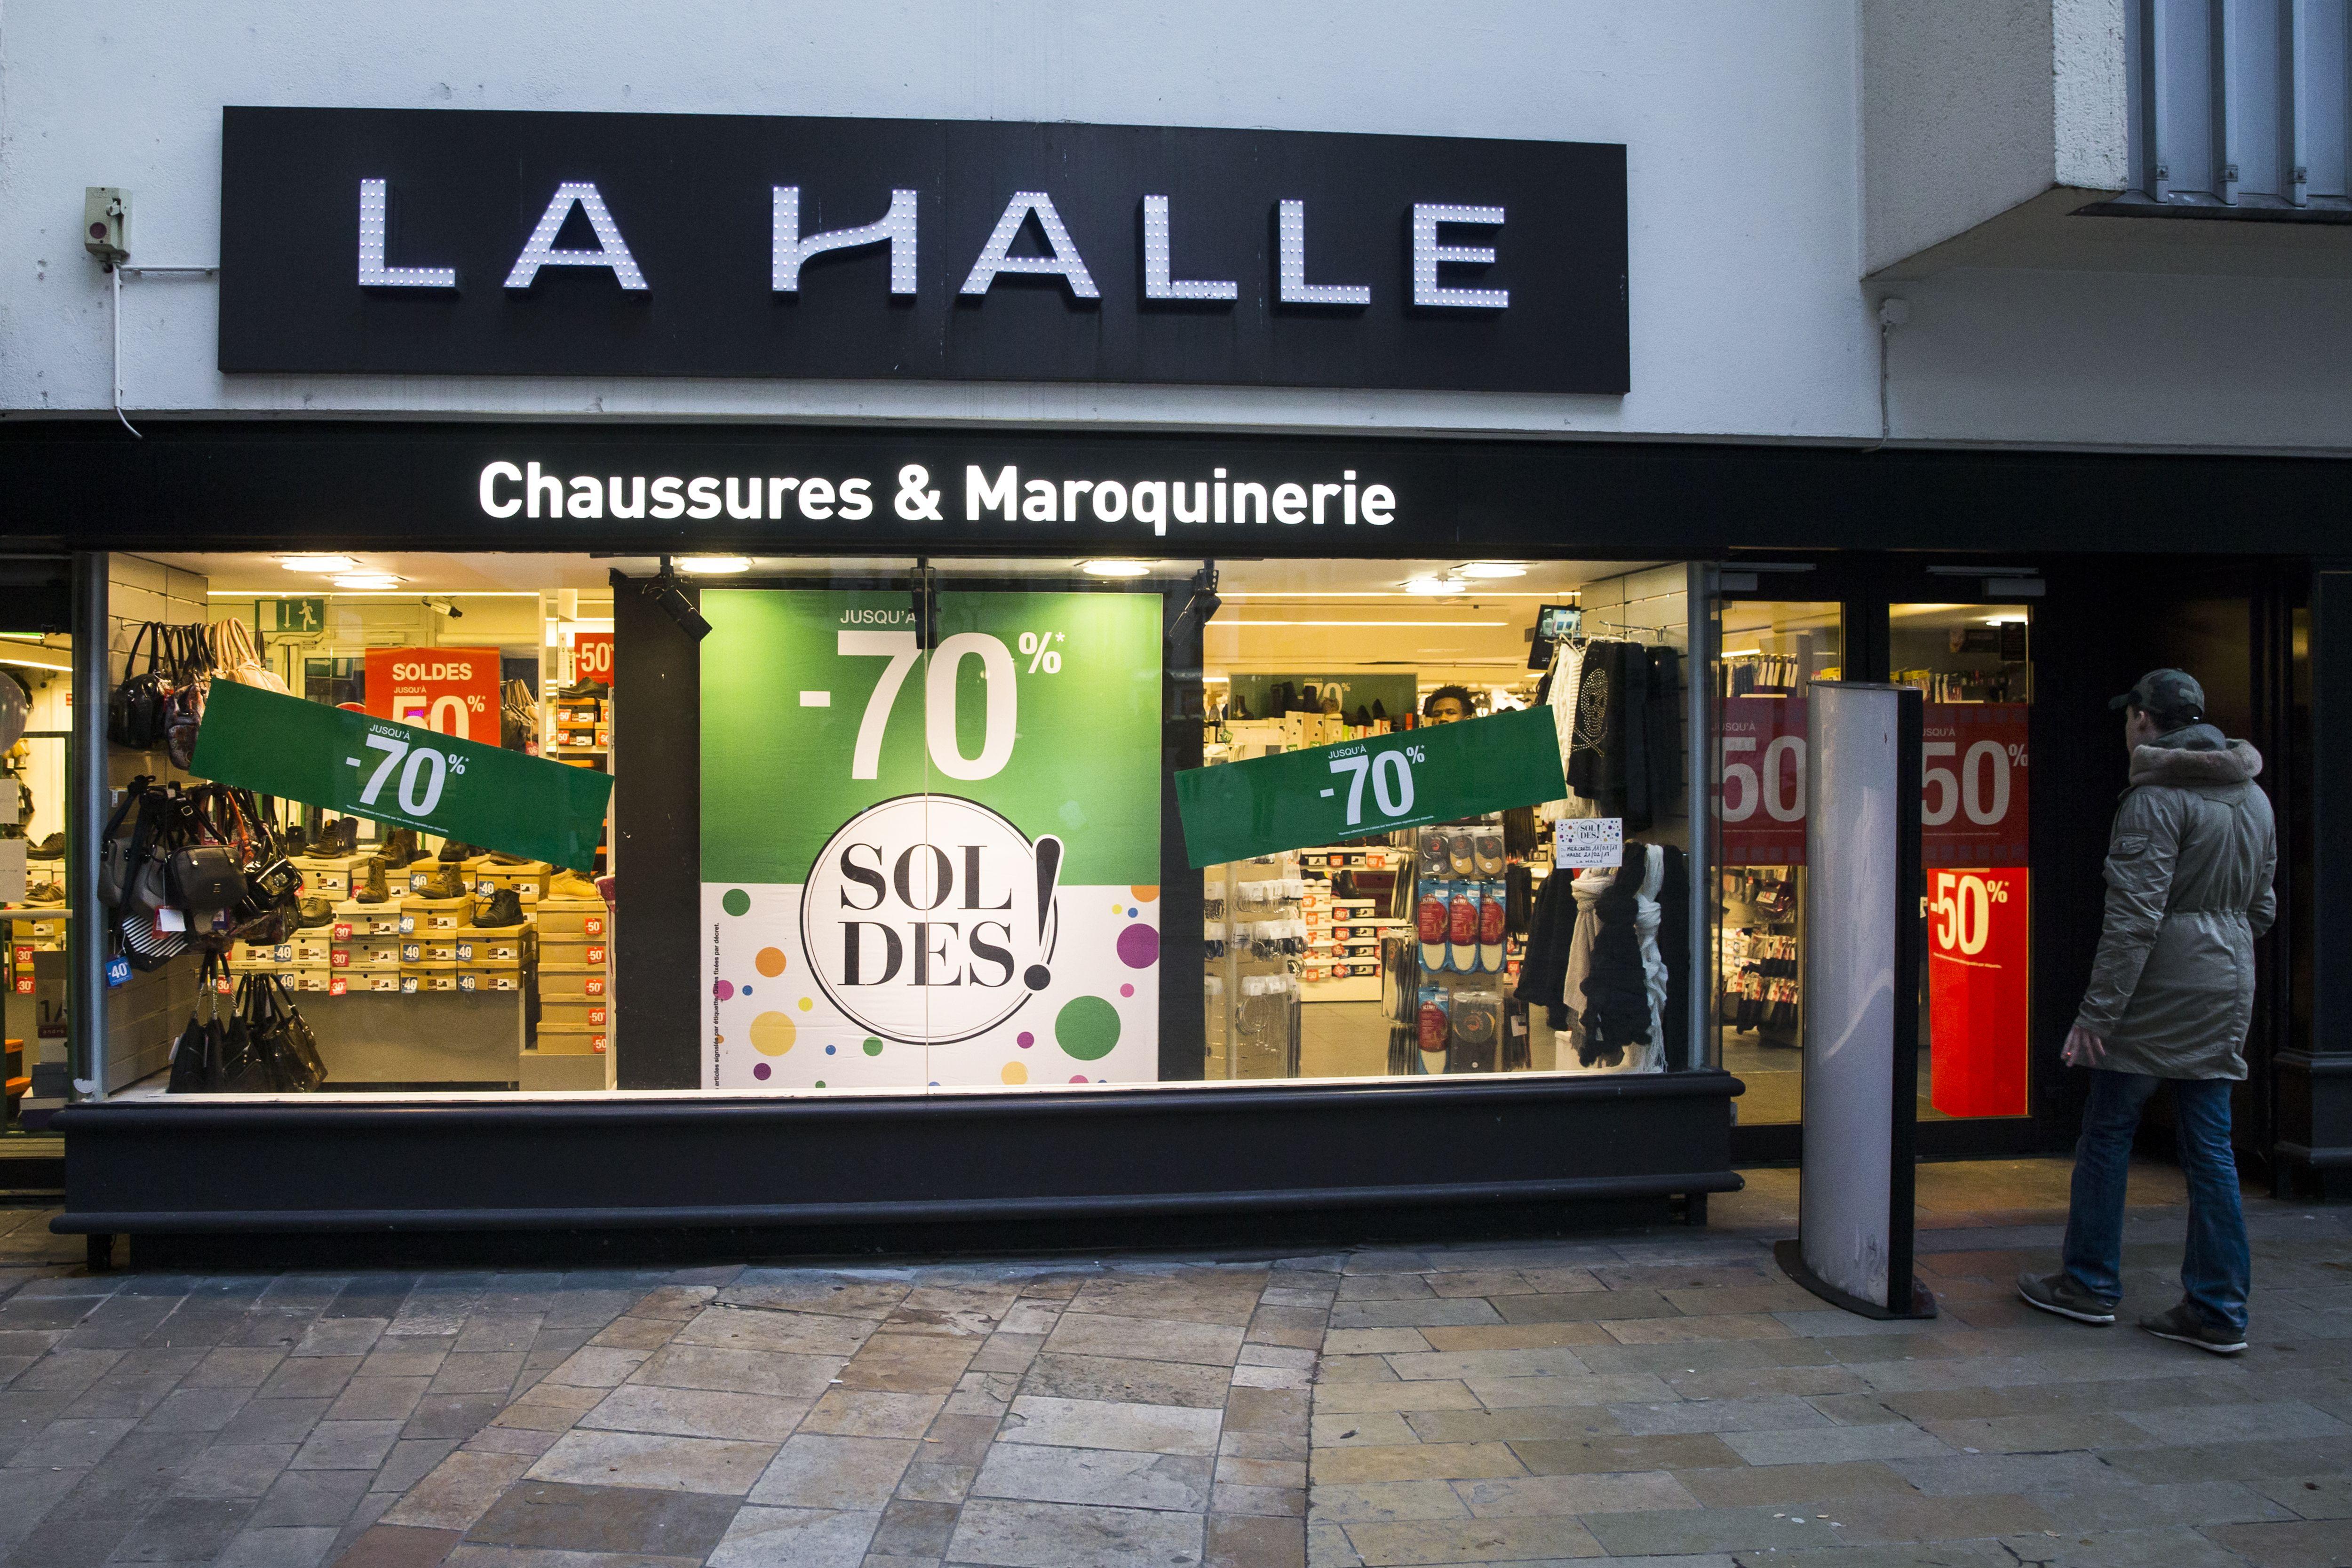 La Halle remains part of Vivarte